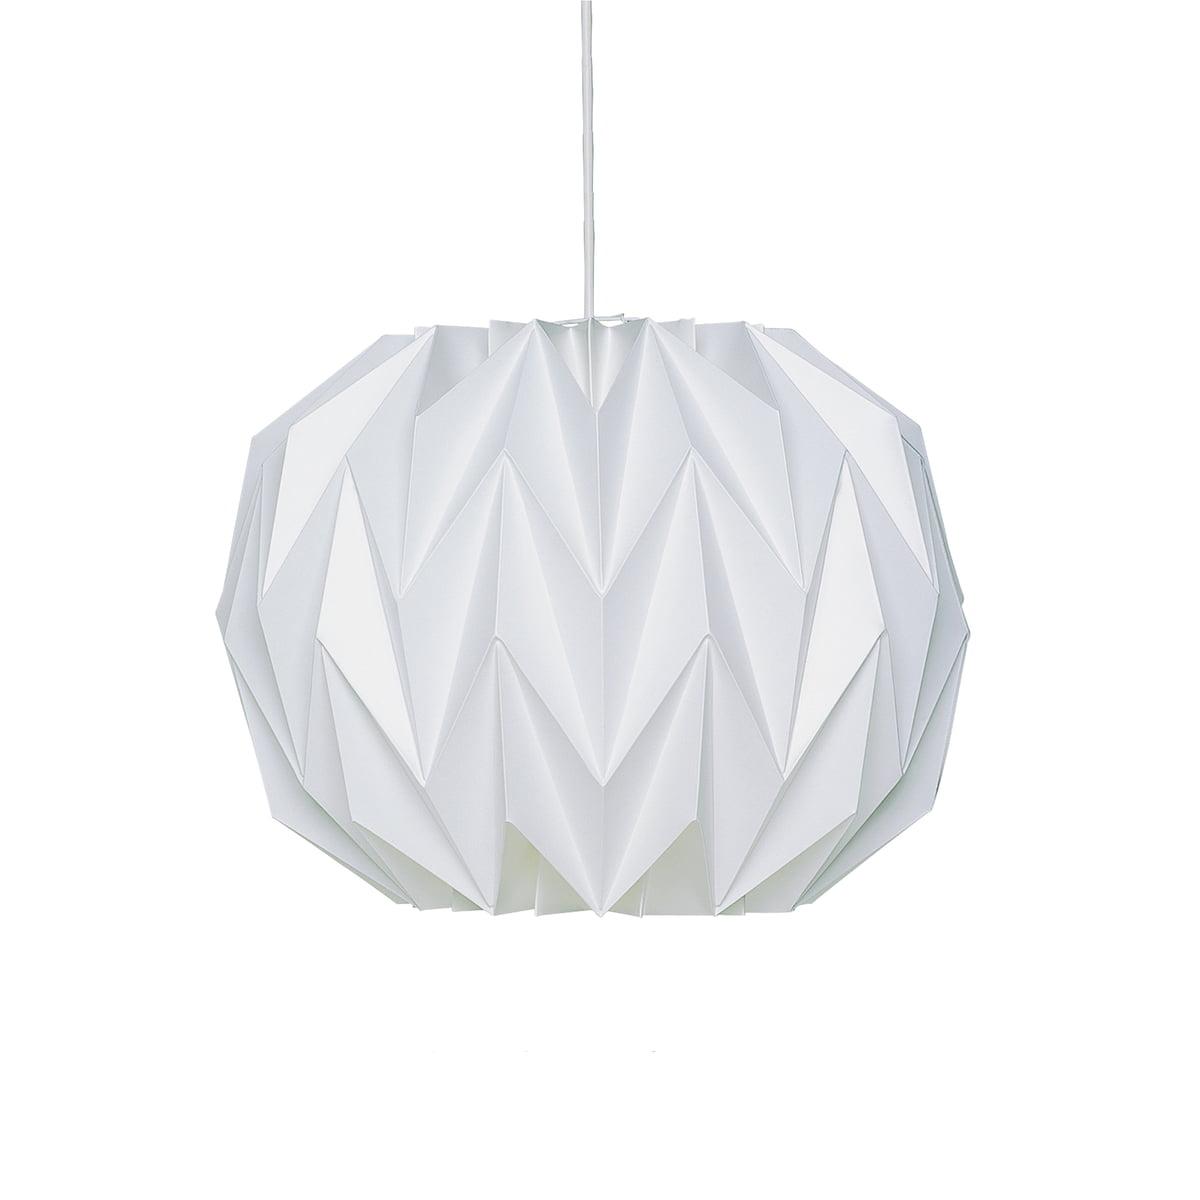 le klint lighting. 157C Pendant Lamp Ø 36 Cm By Le Klint Lighting